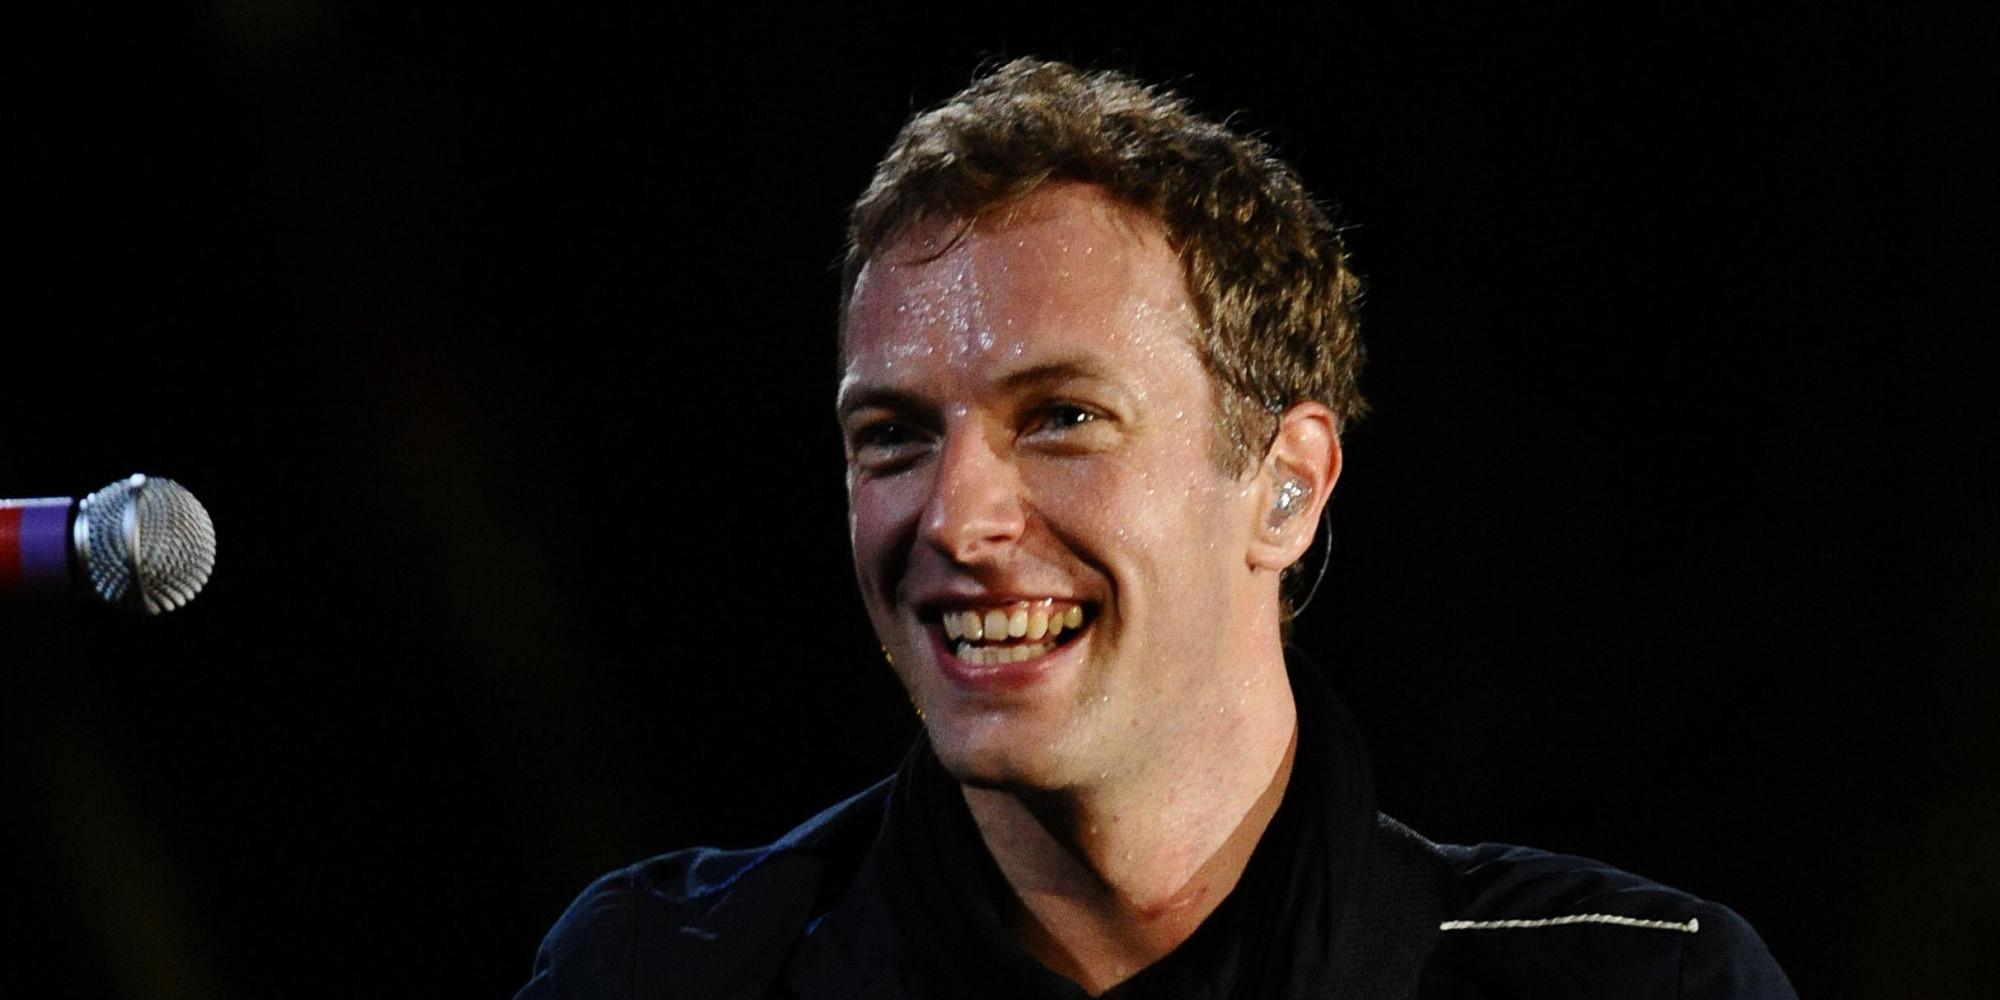 Крис мартин – британский музыкант, фронтмен и солист рок-группы coldplay, обладатель премии «грэмми» и, ко всему прочему, бывший муж голливудской звезды гвинет пэлтроу.